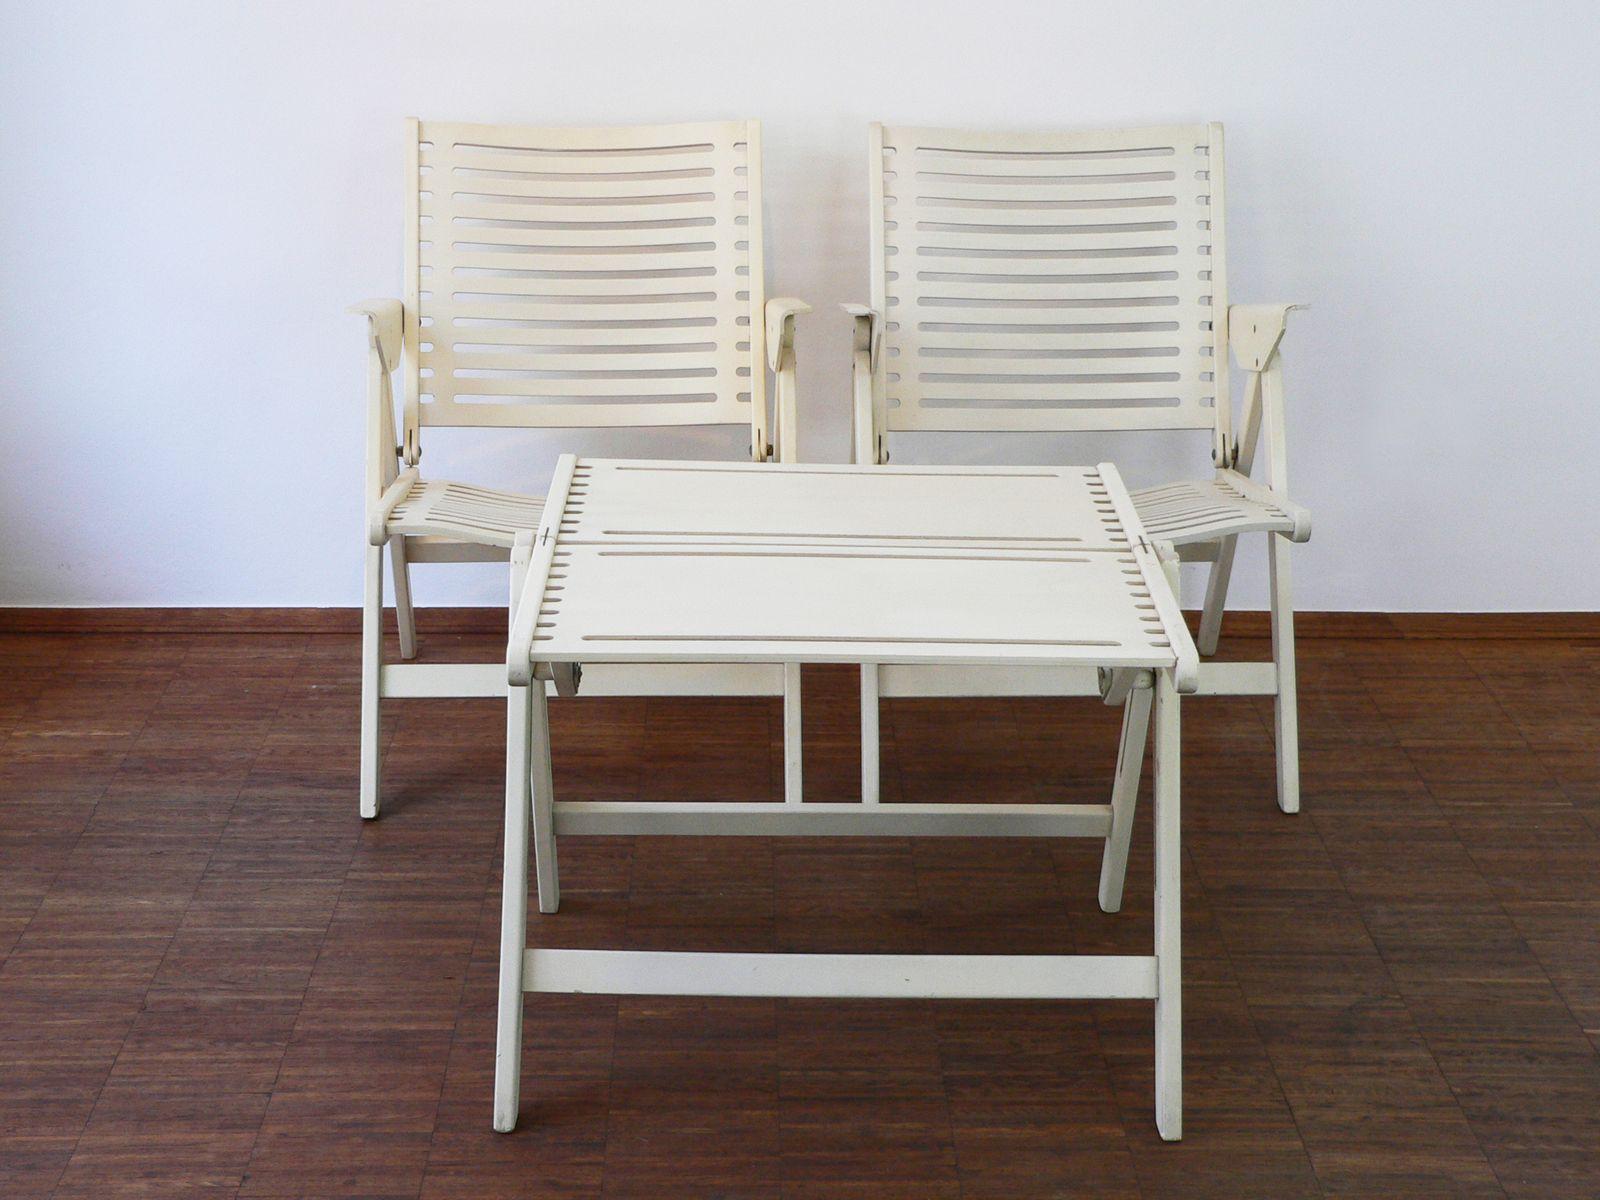 rex tisch mit zwei st hlen von niko kralj 1950er bei pamono kaufen. Black Bedroom Furniture Sets. Home Design Ideas